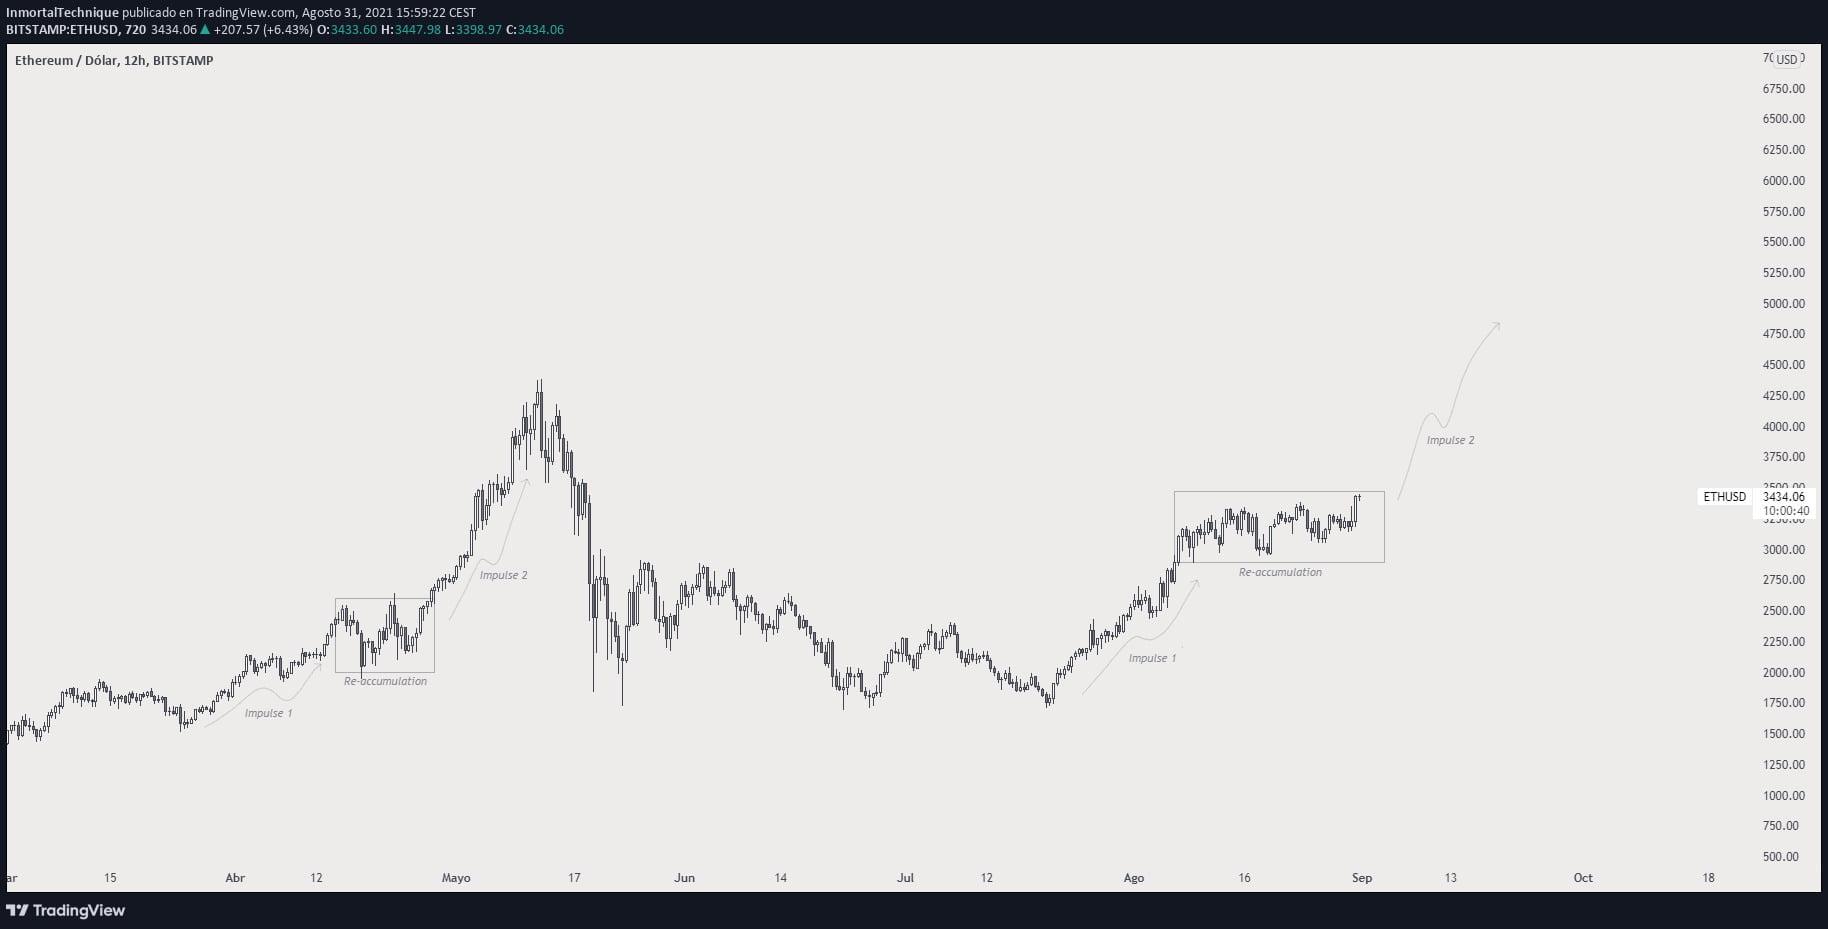 """Ünlü Analist: """"Bitcoin Büyük Bir Hareket İçin Hazırlanıyor"""" 1 - bitcoin ve ethereum buyuk bir hareket icin hazirlaniyor"""